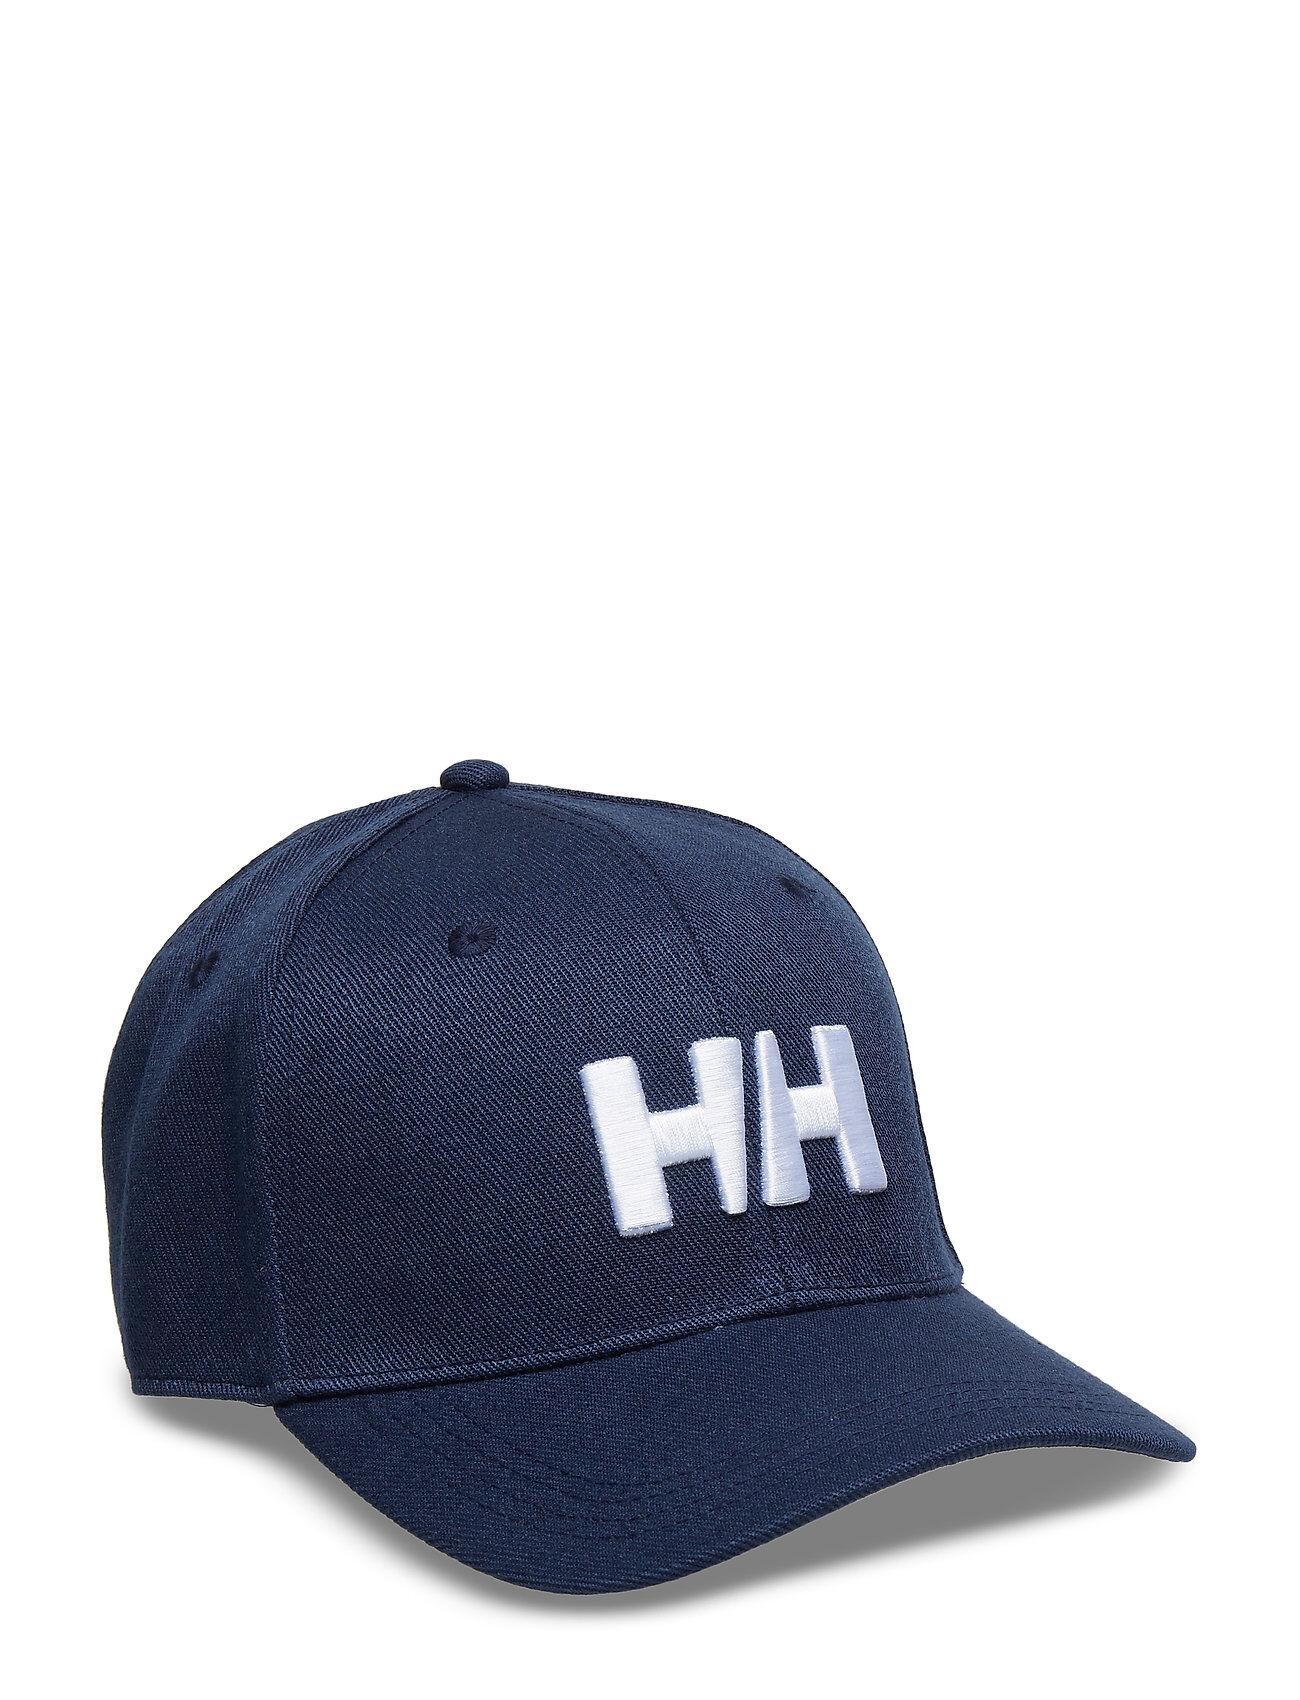 Helly Hansen Hh Brand Cap Accessories Headwear Caps Sininen Helly Hansen